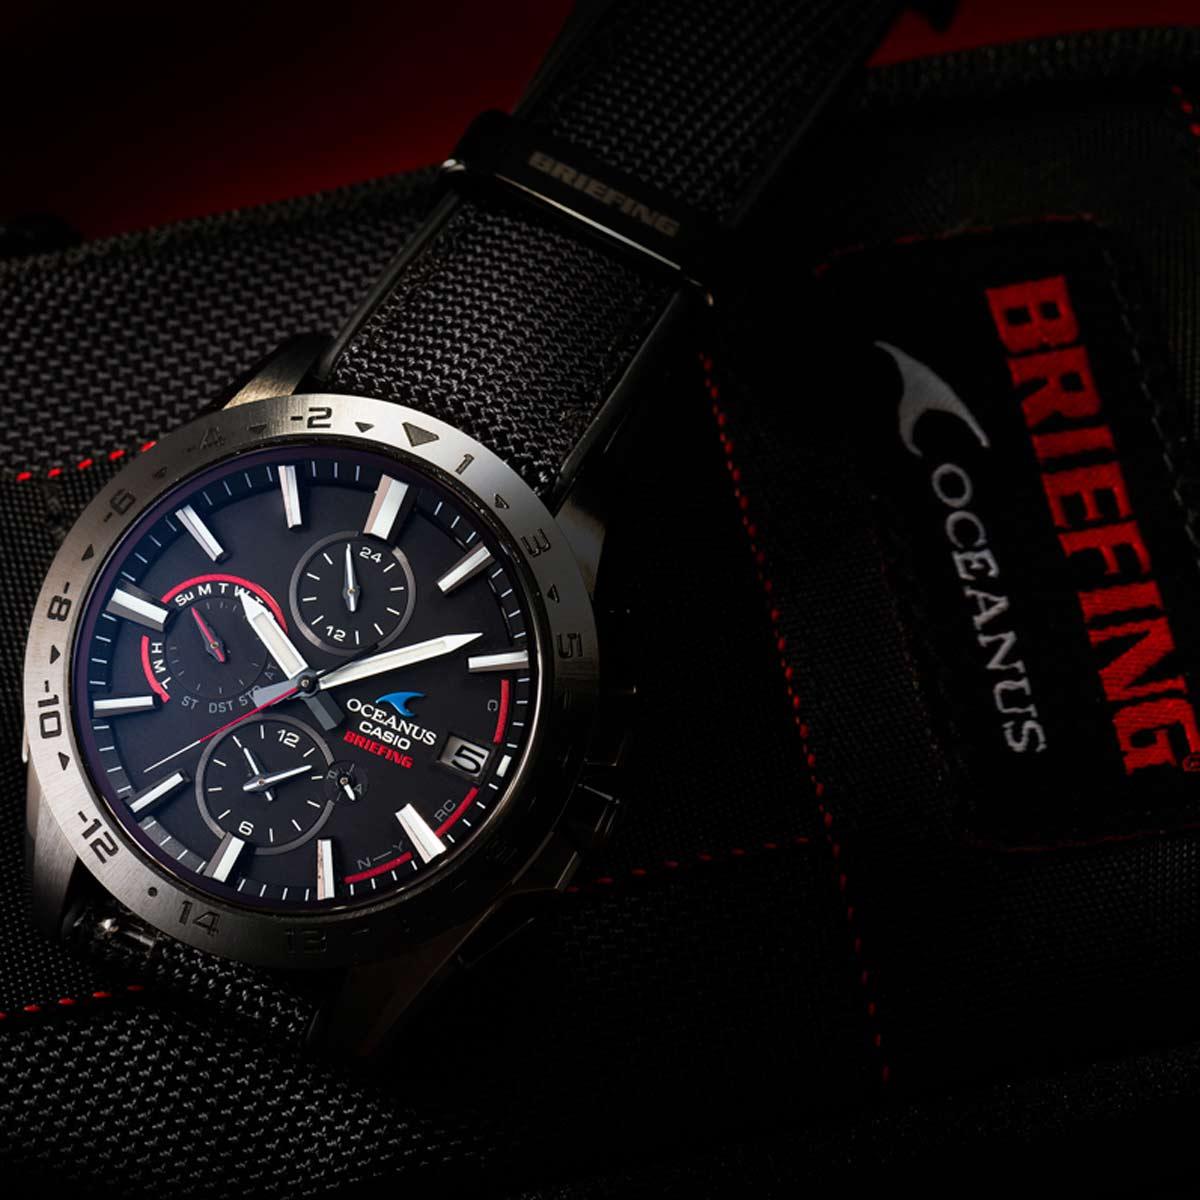 「カシオ」×「ブリーフィング」の新作腕時計はミリタリズムなたたずまいを強調